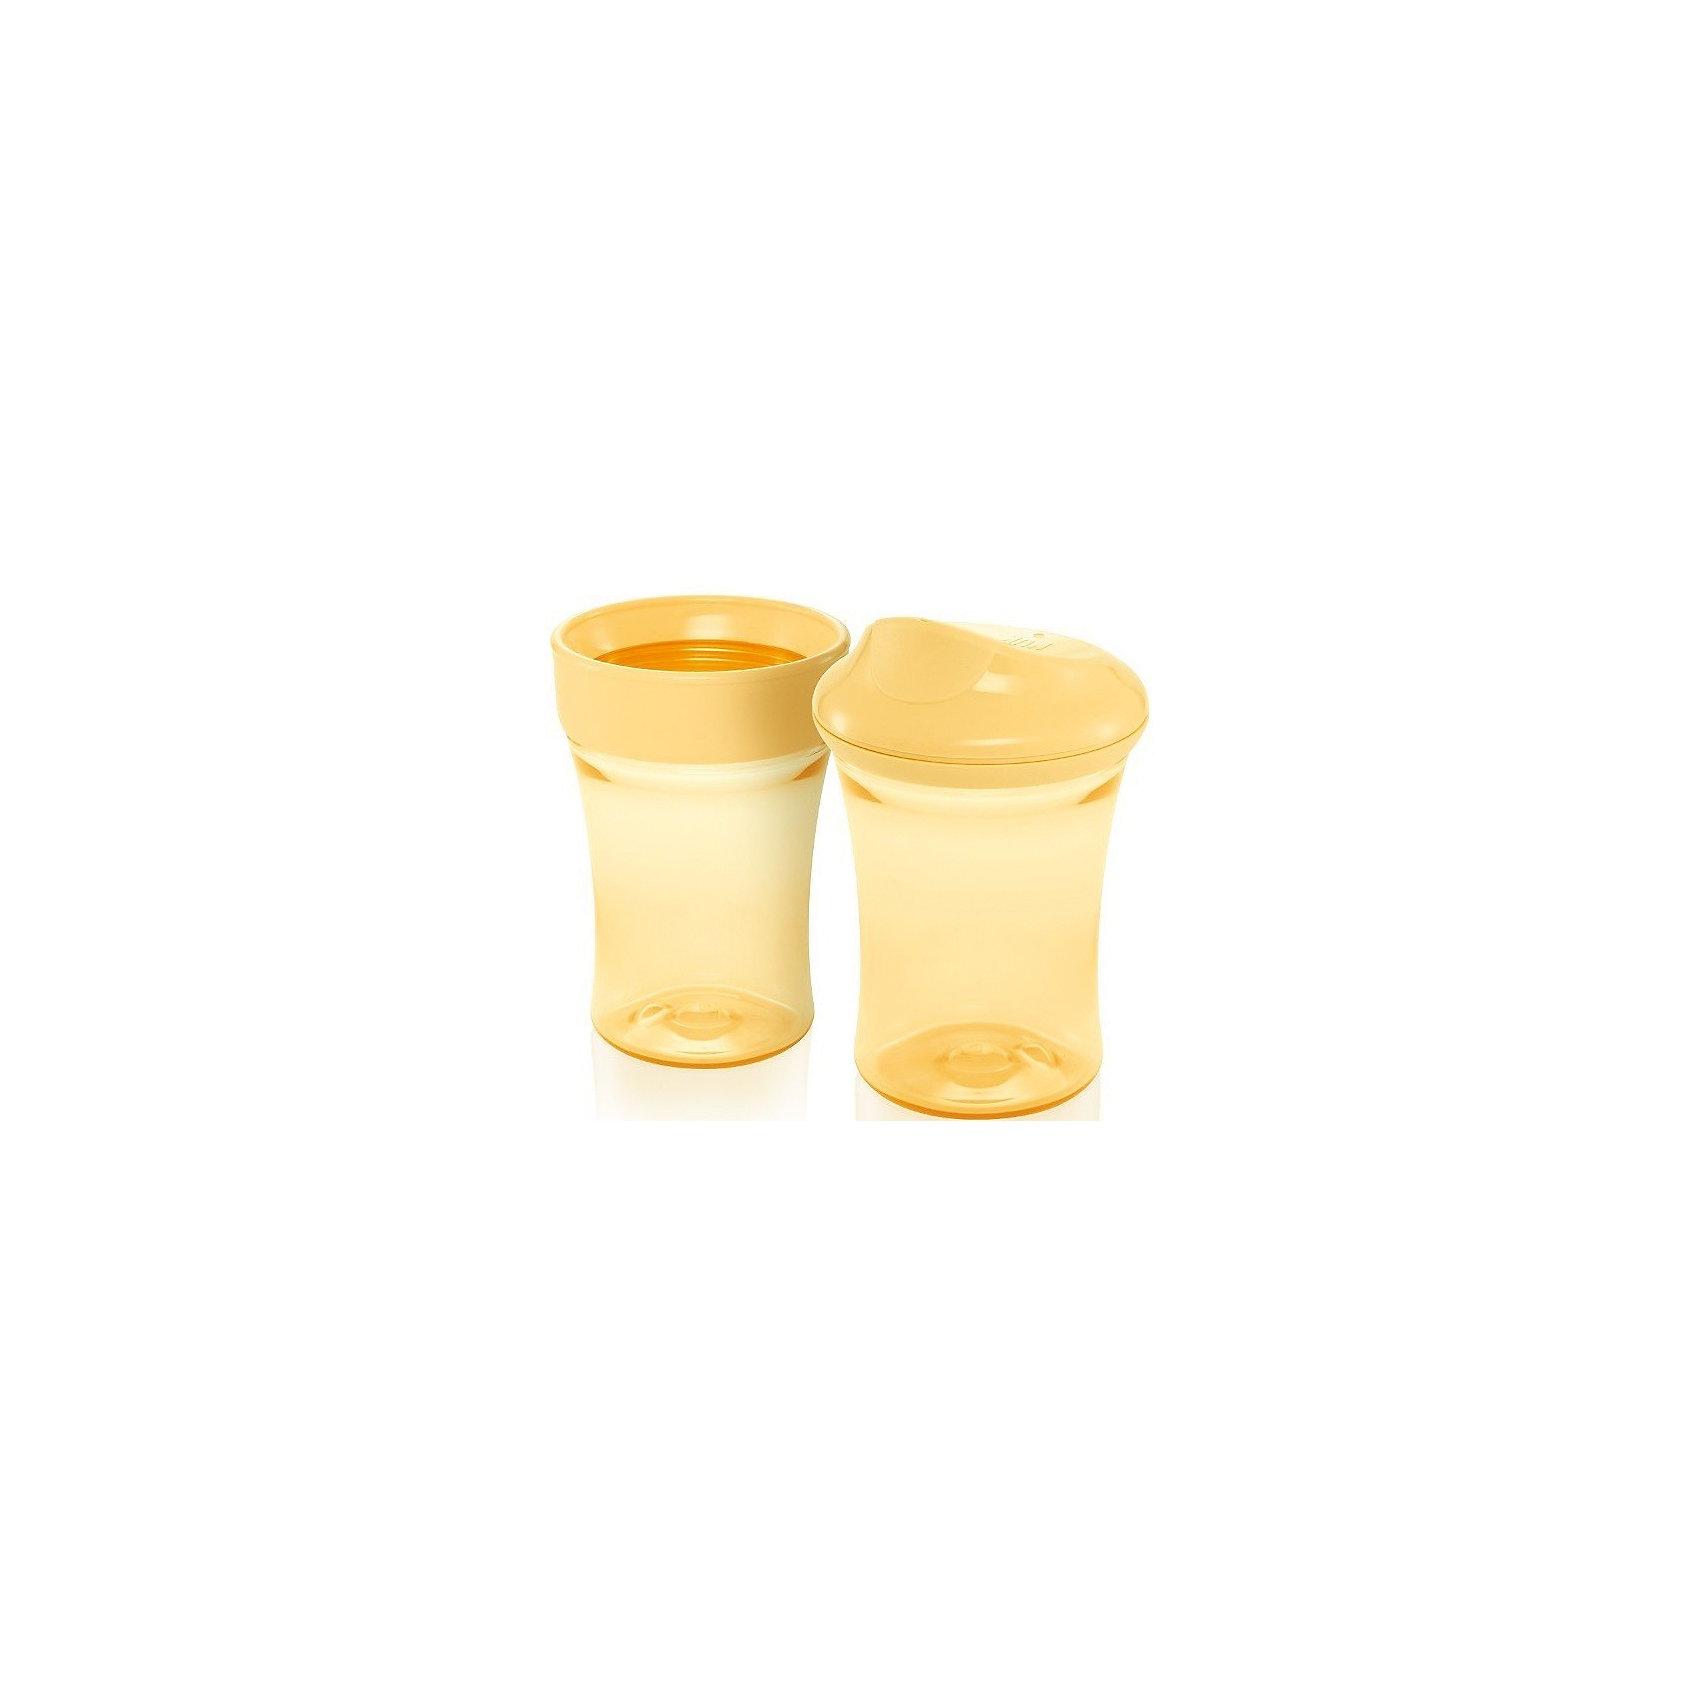 Поильник 3 с пластиковой насадкой 2 в 1 Easy Learning 275 мл. с 14 мес., NUK, желтыйХарактеристики изделия:<br><br>- объем: 275 мл;<br>- цвет: желтый;<br>- материал: полипропилен;<br>- широкое горло;<br>- удобная форма;<br>- ручки;<br>- возраст: от 14 месяцев;<br>- клапаны от протекания.<br><br>Детские товары существенно облегчают жизнь молодым мамам. Существует множество полезных в период материнства вещей. К таким относится обыкновенная пластиковая бутылочка-поильник. <br>Данная модель оптимально подходит для детей, которые учатся пить самостоятельно. Предмет удобно держать. Поильник легко очищается от любых поверхностных загрязнений, так как имеет удобное широкое горлышко. Оптимальный объем позволит брать поильник в дорогу.<br><br>Поильник 3 с пластиковой насадкой 2 в 1 Easy Learning от производителя NUK можно купить в нашем магазине.<br><br>Ширина мм: 135<br>Глубина мм: 65<br>Высота мм: 162<br>Вес г: 170<br>Возраст от месяцев: 14<br>Возраст до месяцев: 2147483647<br>Пол: Унисекс<br>Возраст: Детский<br>SKU: 5065254